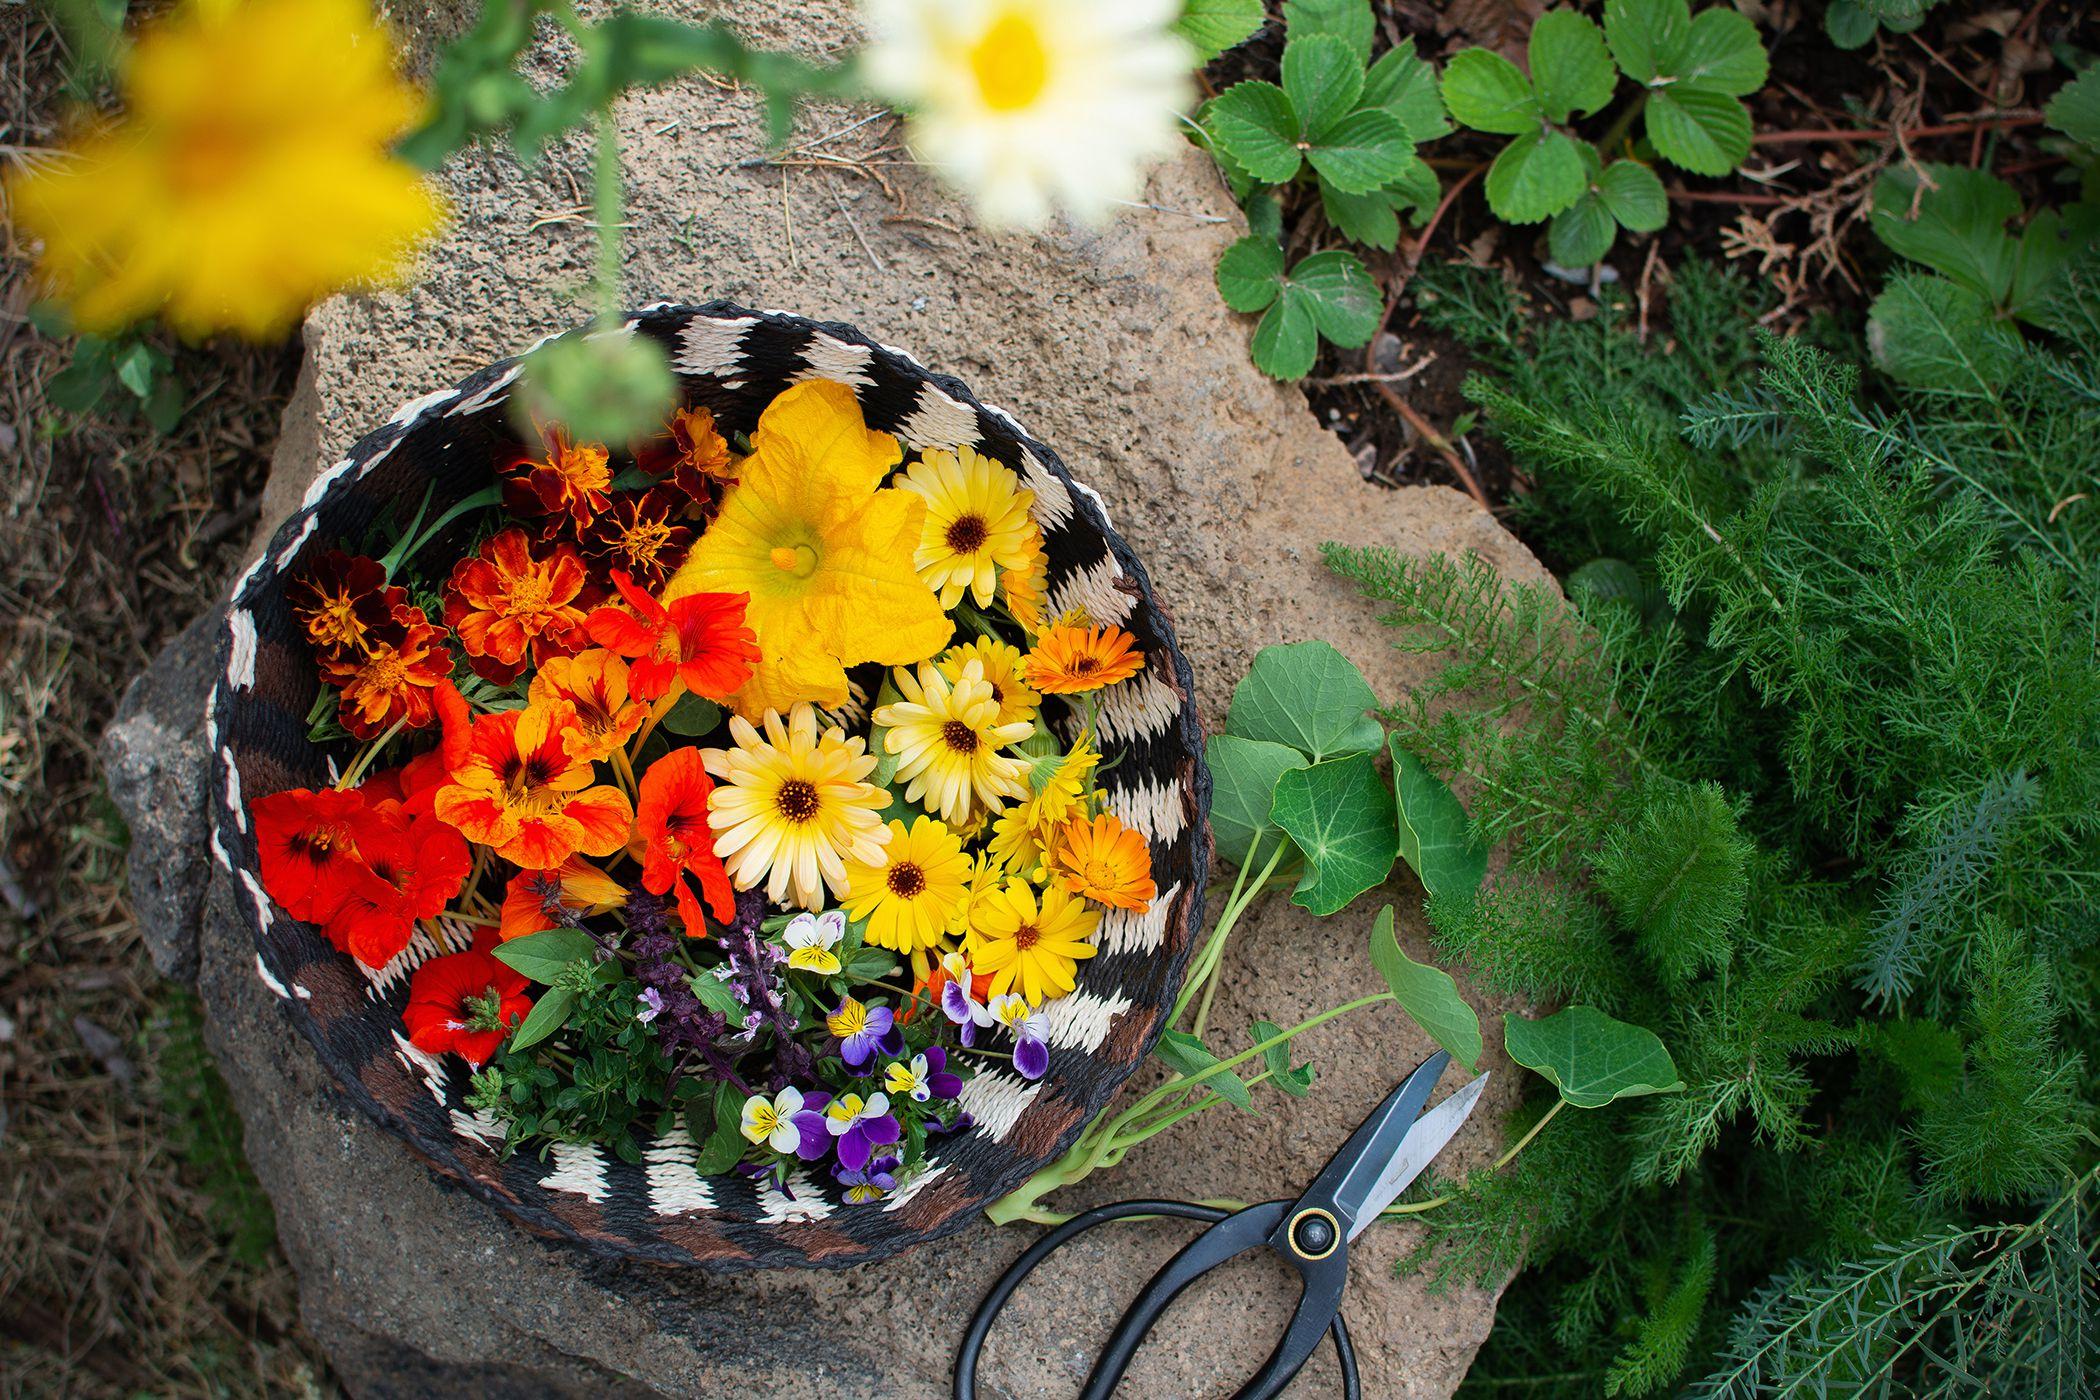 Growing Edible Flowers In Your Garden